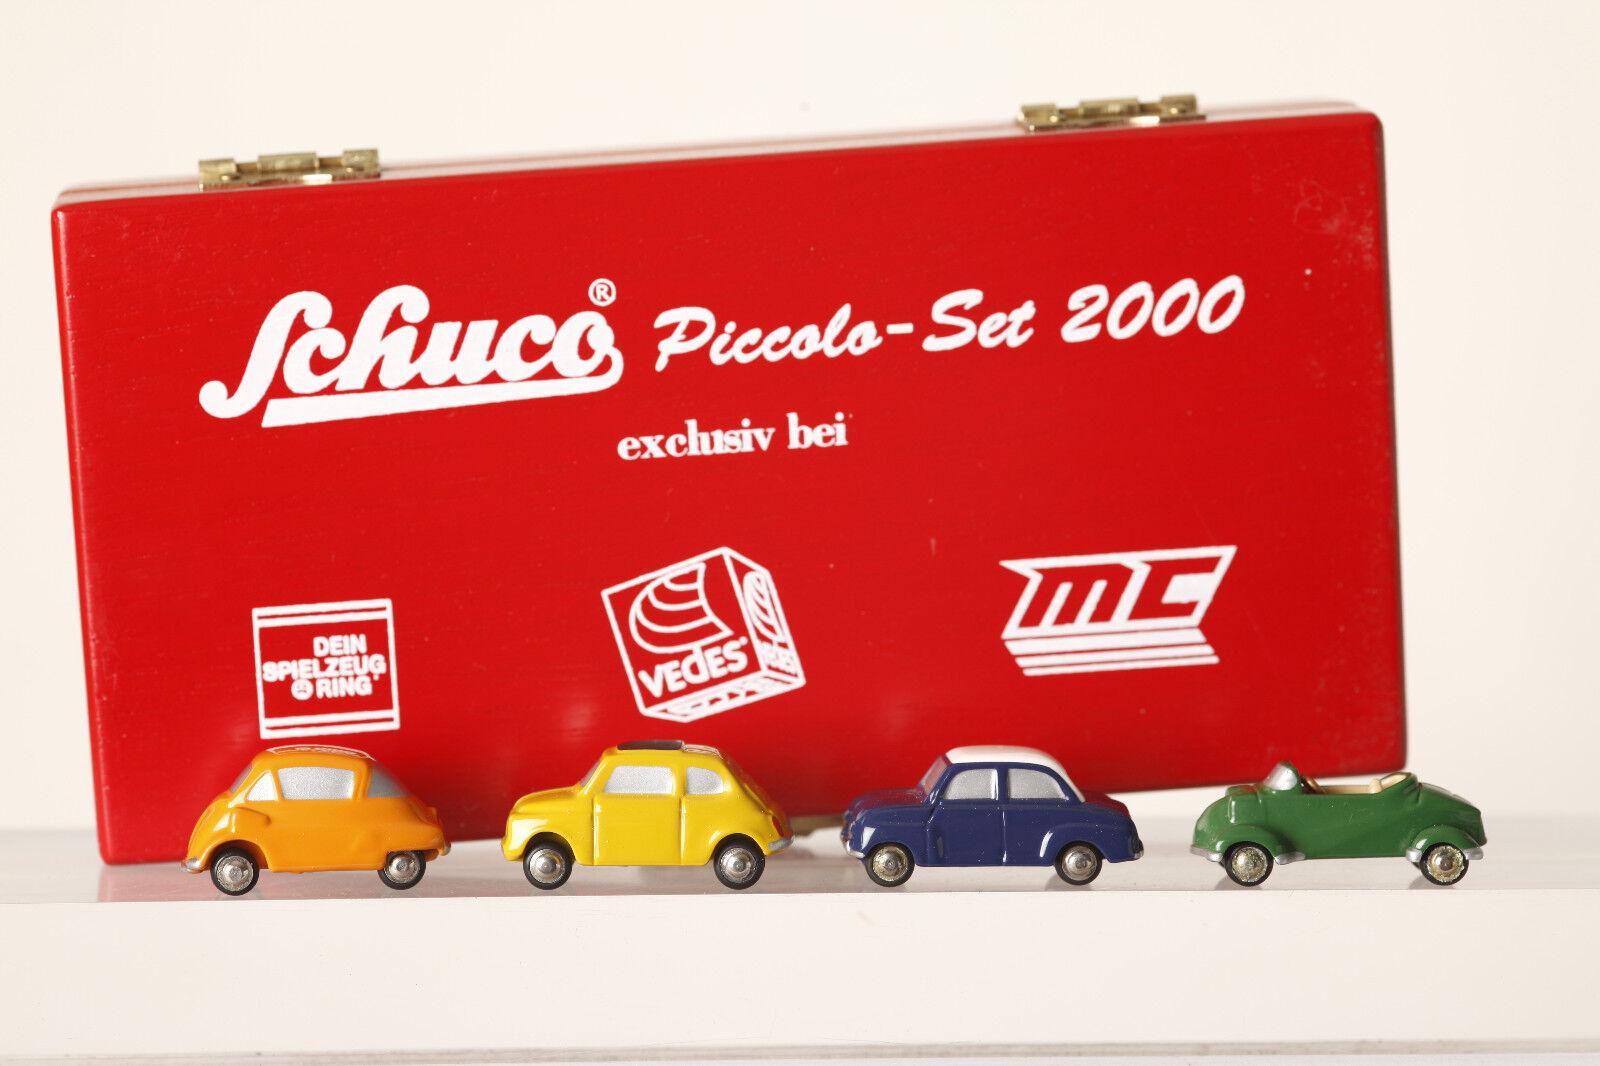 Schuco Piccolo 4er-Set 2000 Vedes Isetta  Fiat 500  Gogo Messerschmitt  (65014)